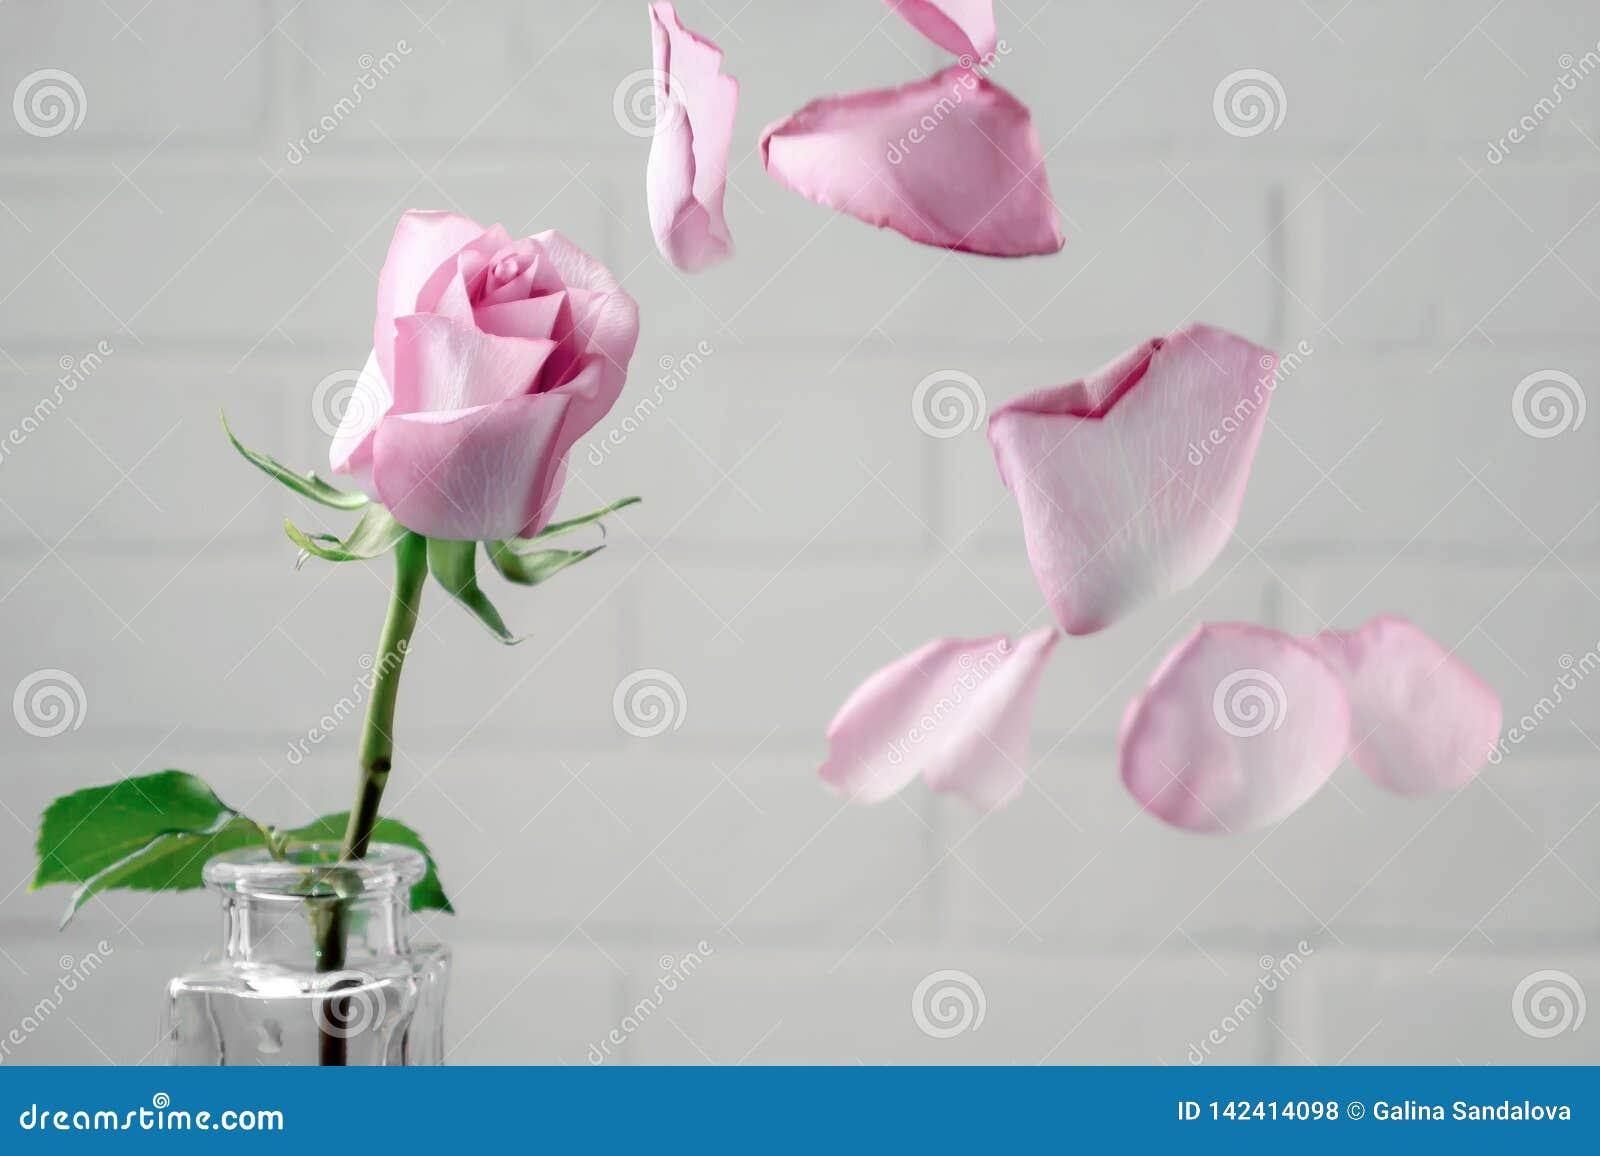 Le rose a monté dans un vase avec les pétales en baisse dans la perspective d un mur blanc Tendresse, fragilité, solitude, concep